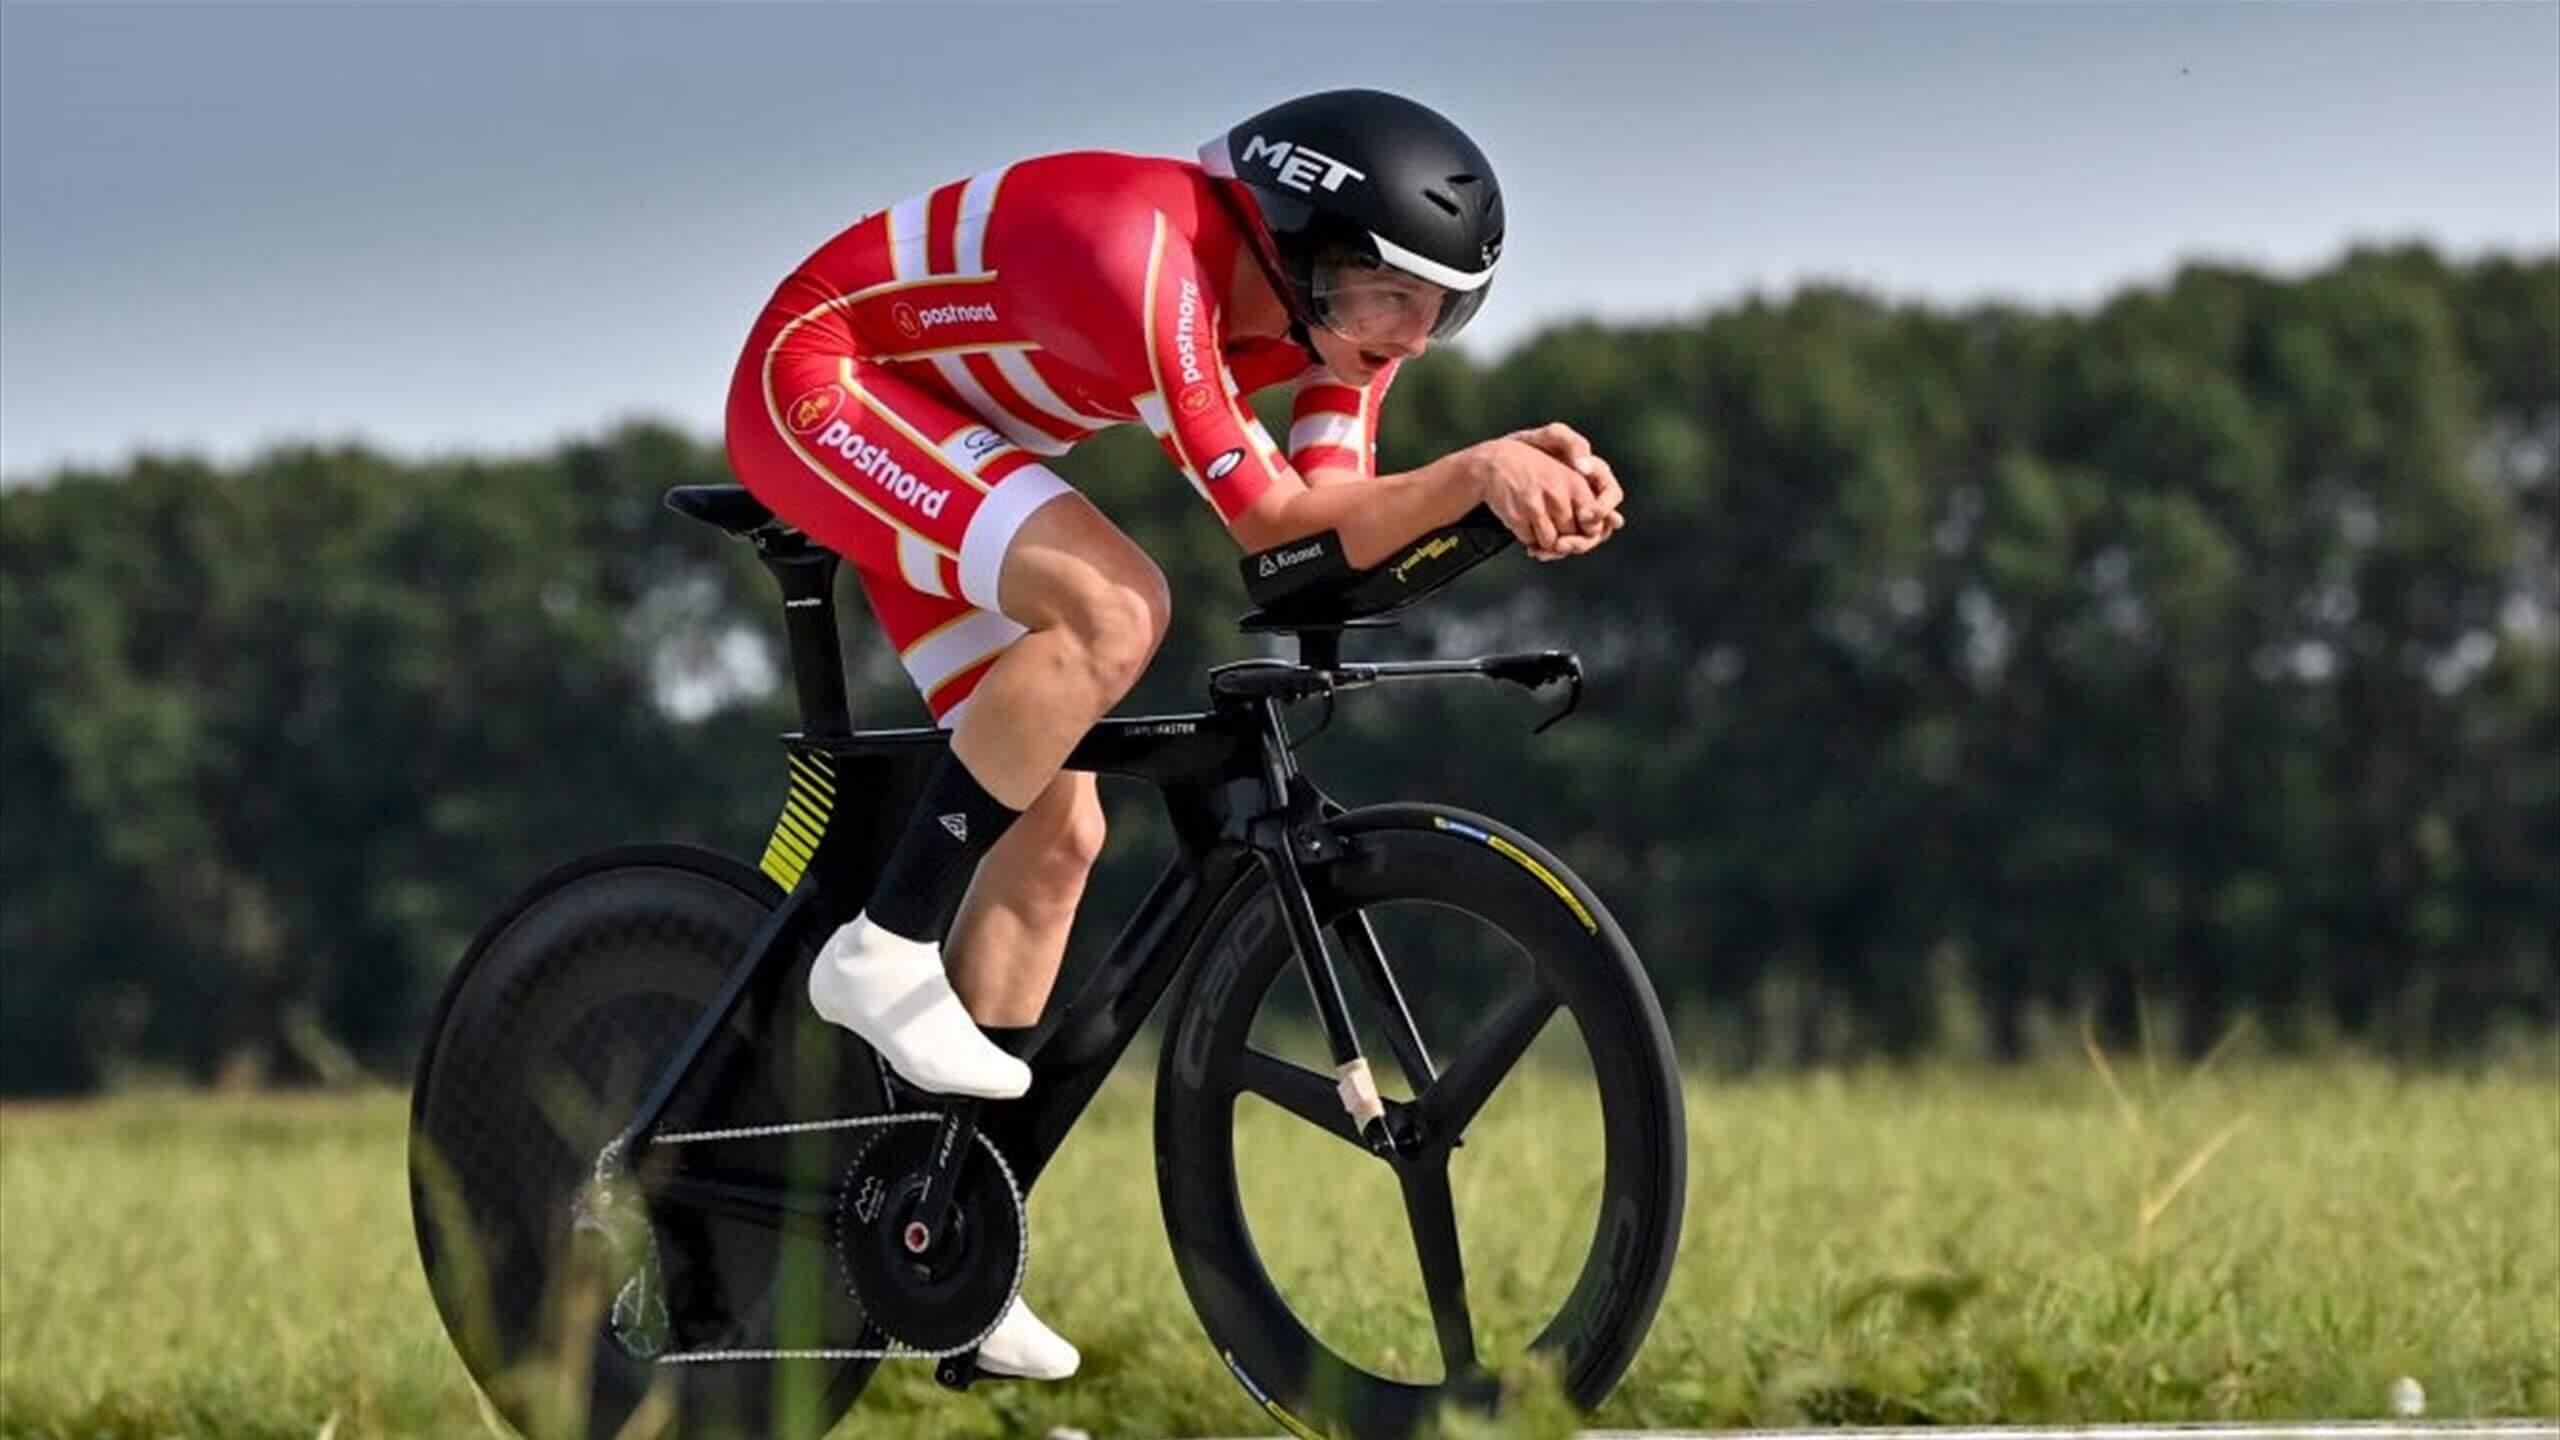 Mundial de Ciclismo de Flandes 2021, lo lidera Dinamarca